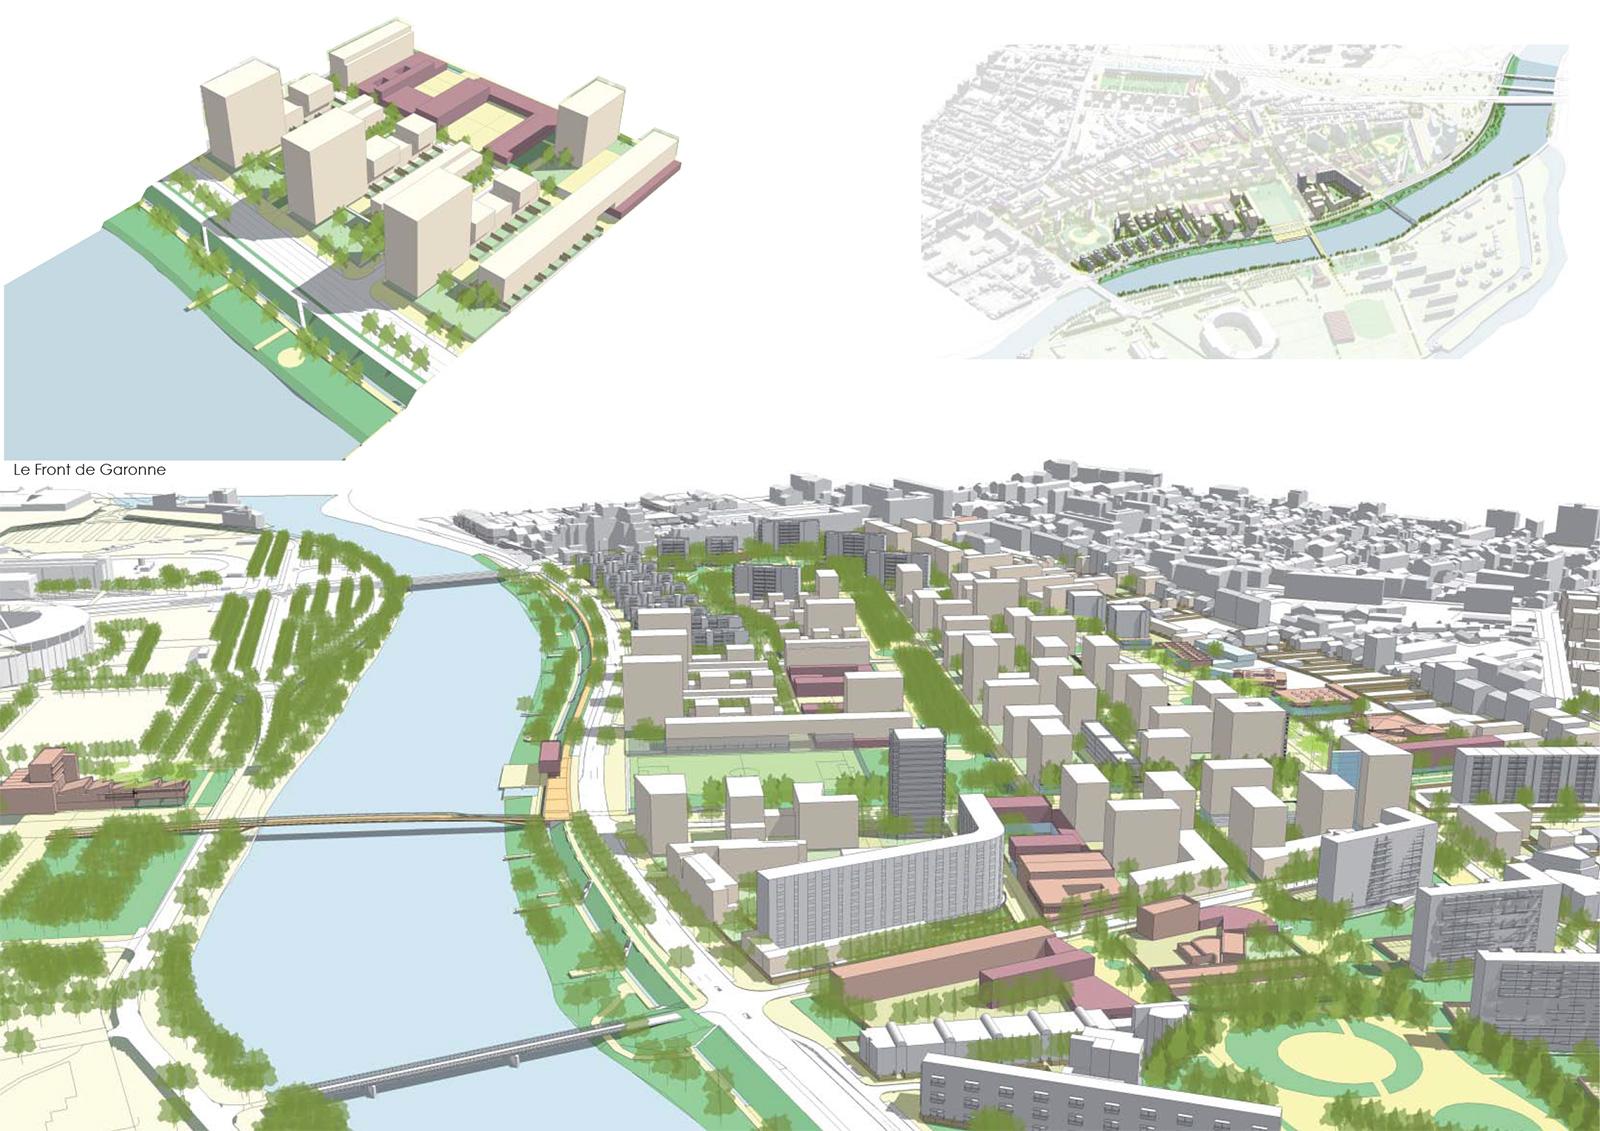 8-germe-et-jam-TOUE-toulouse-emplaot-projet-urbain---GARONNE